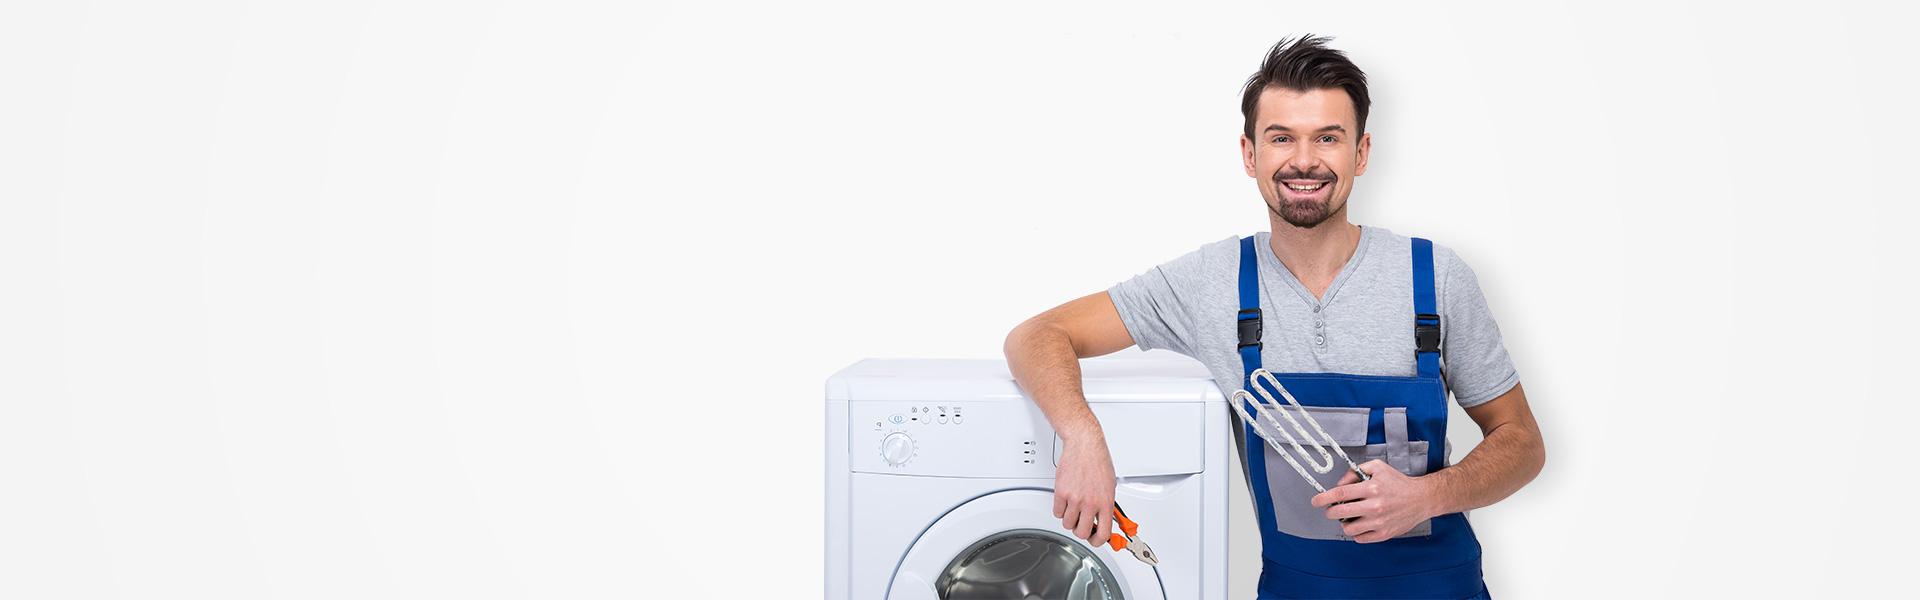 Ремонти и сервиз на перални, хладилници и миялни Варна